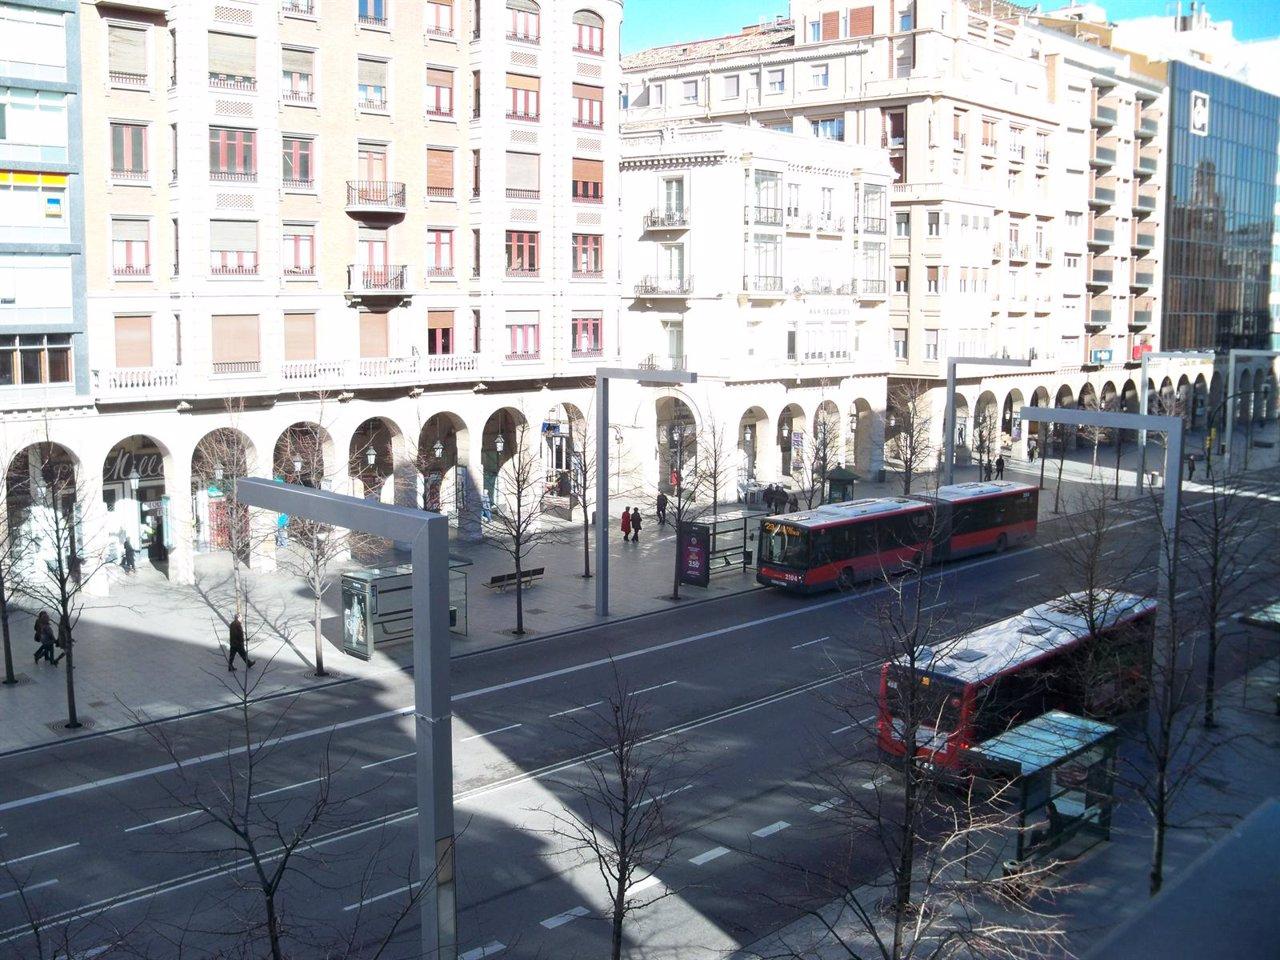 Dos autobuses de Zaragoza circulando por el Paseo Independencia